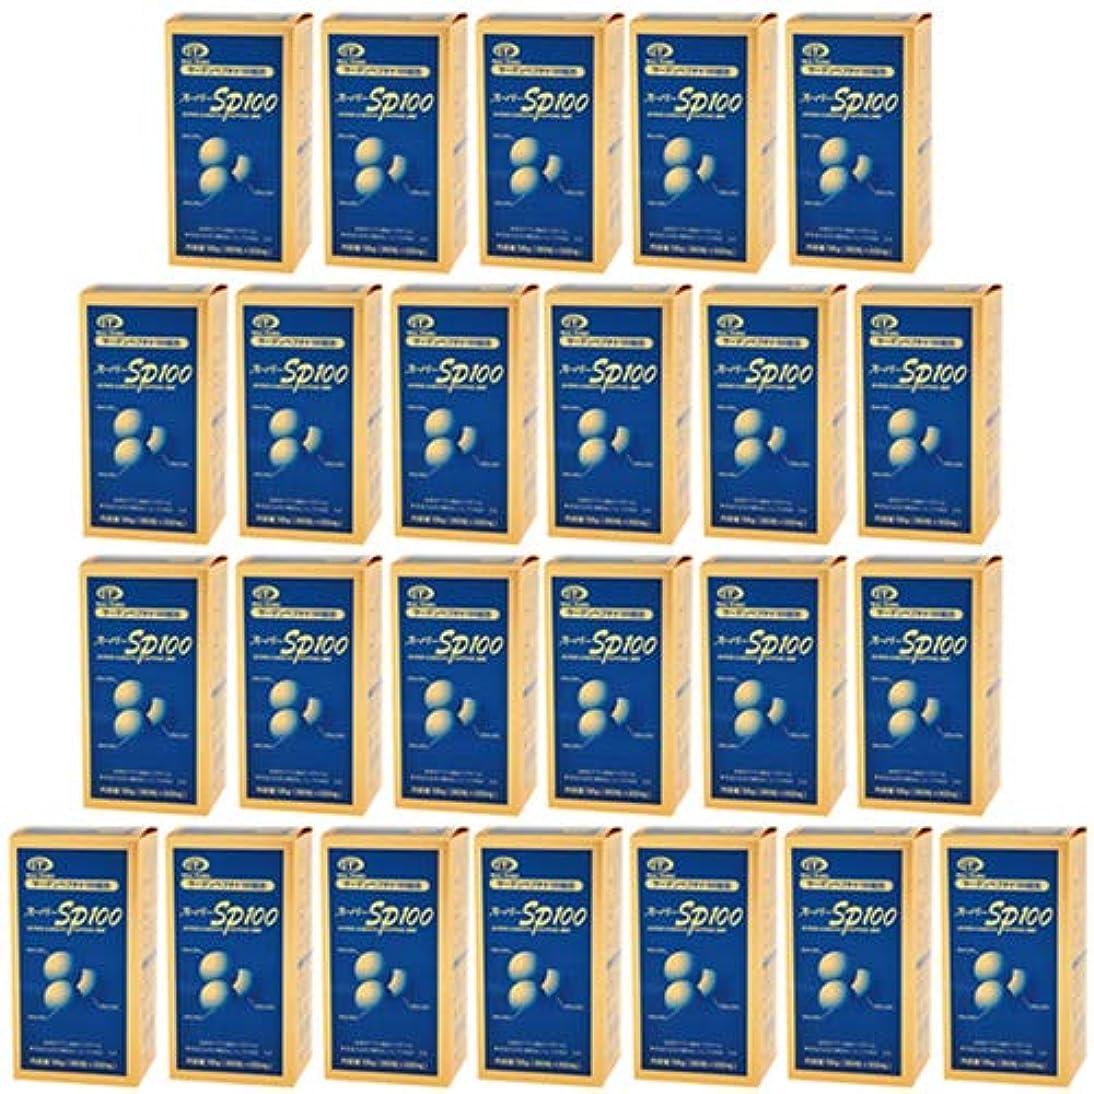 小さな加速する暗記するスーパーSP100(イワシペプチド)(360粒) 24箱